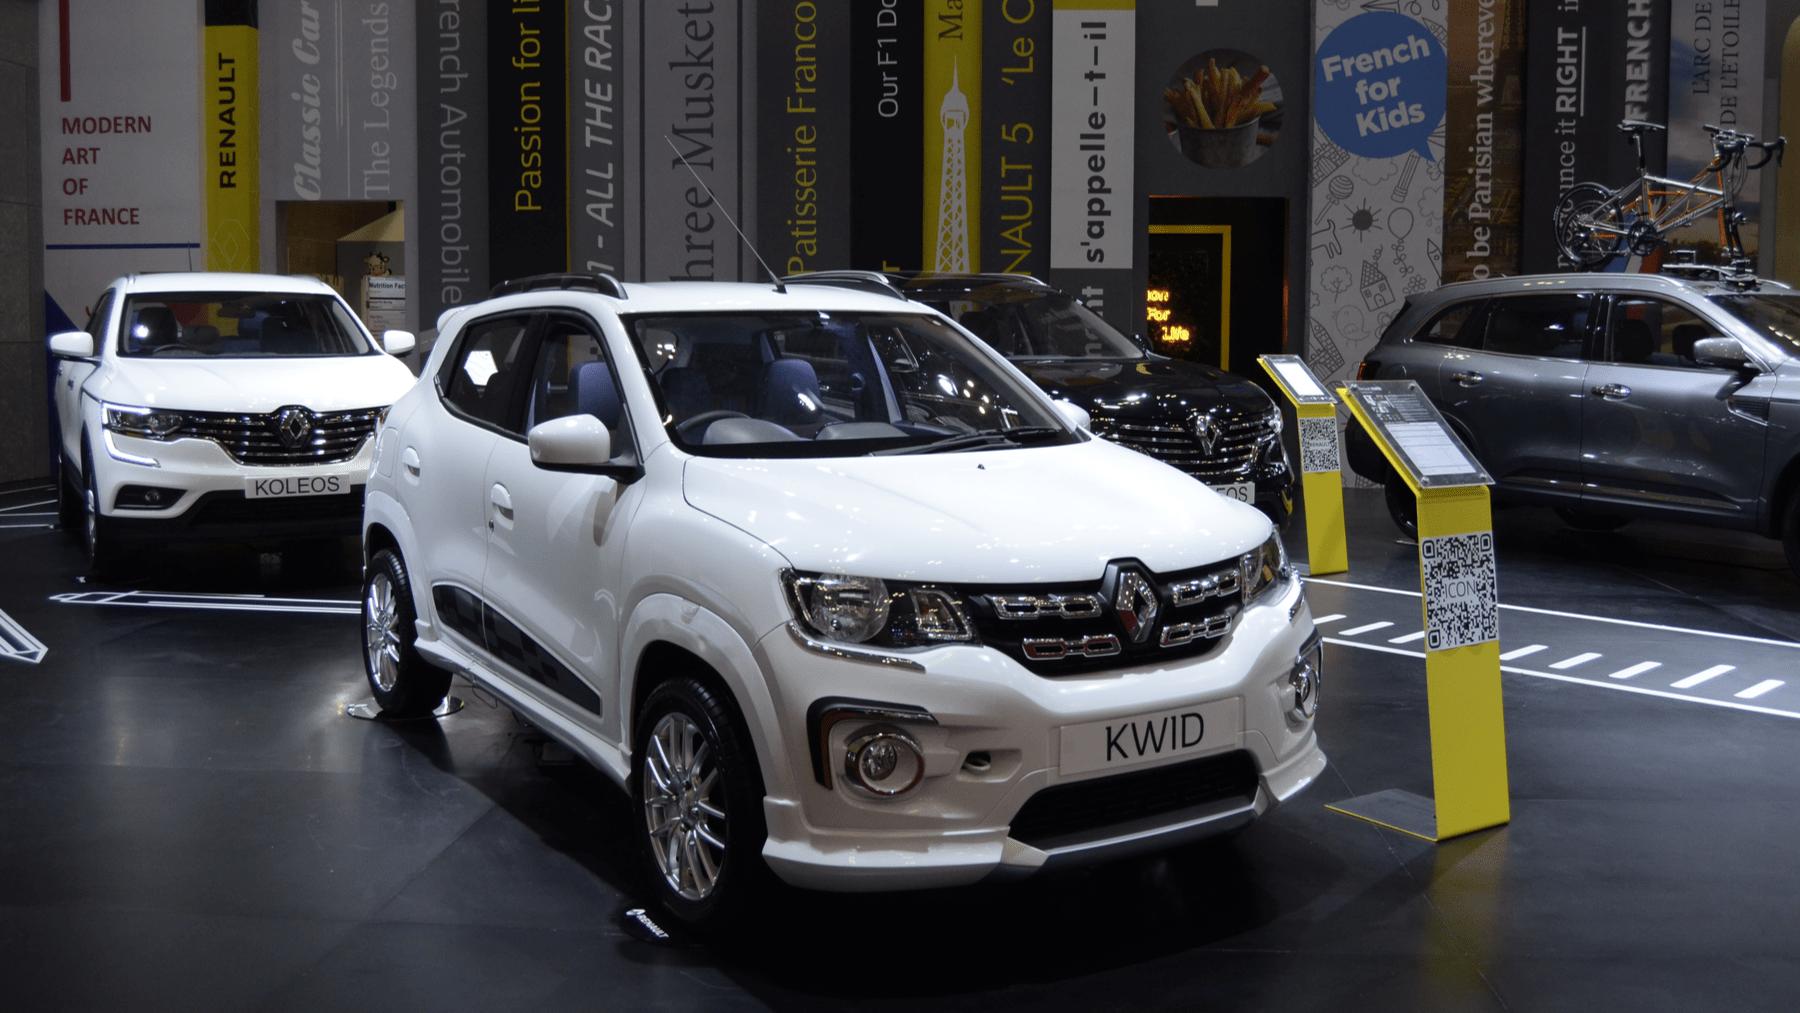 El Renault Kwid lo tiene todo y en forma compacta